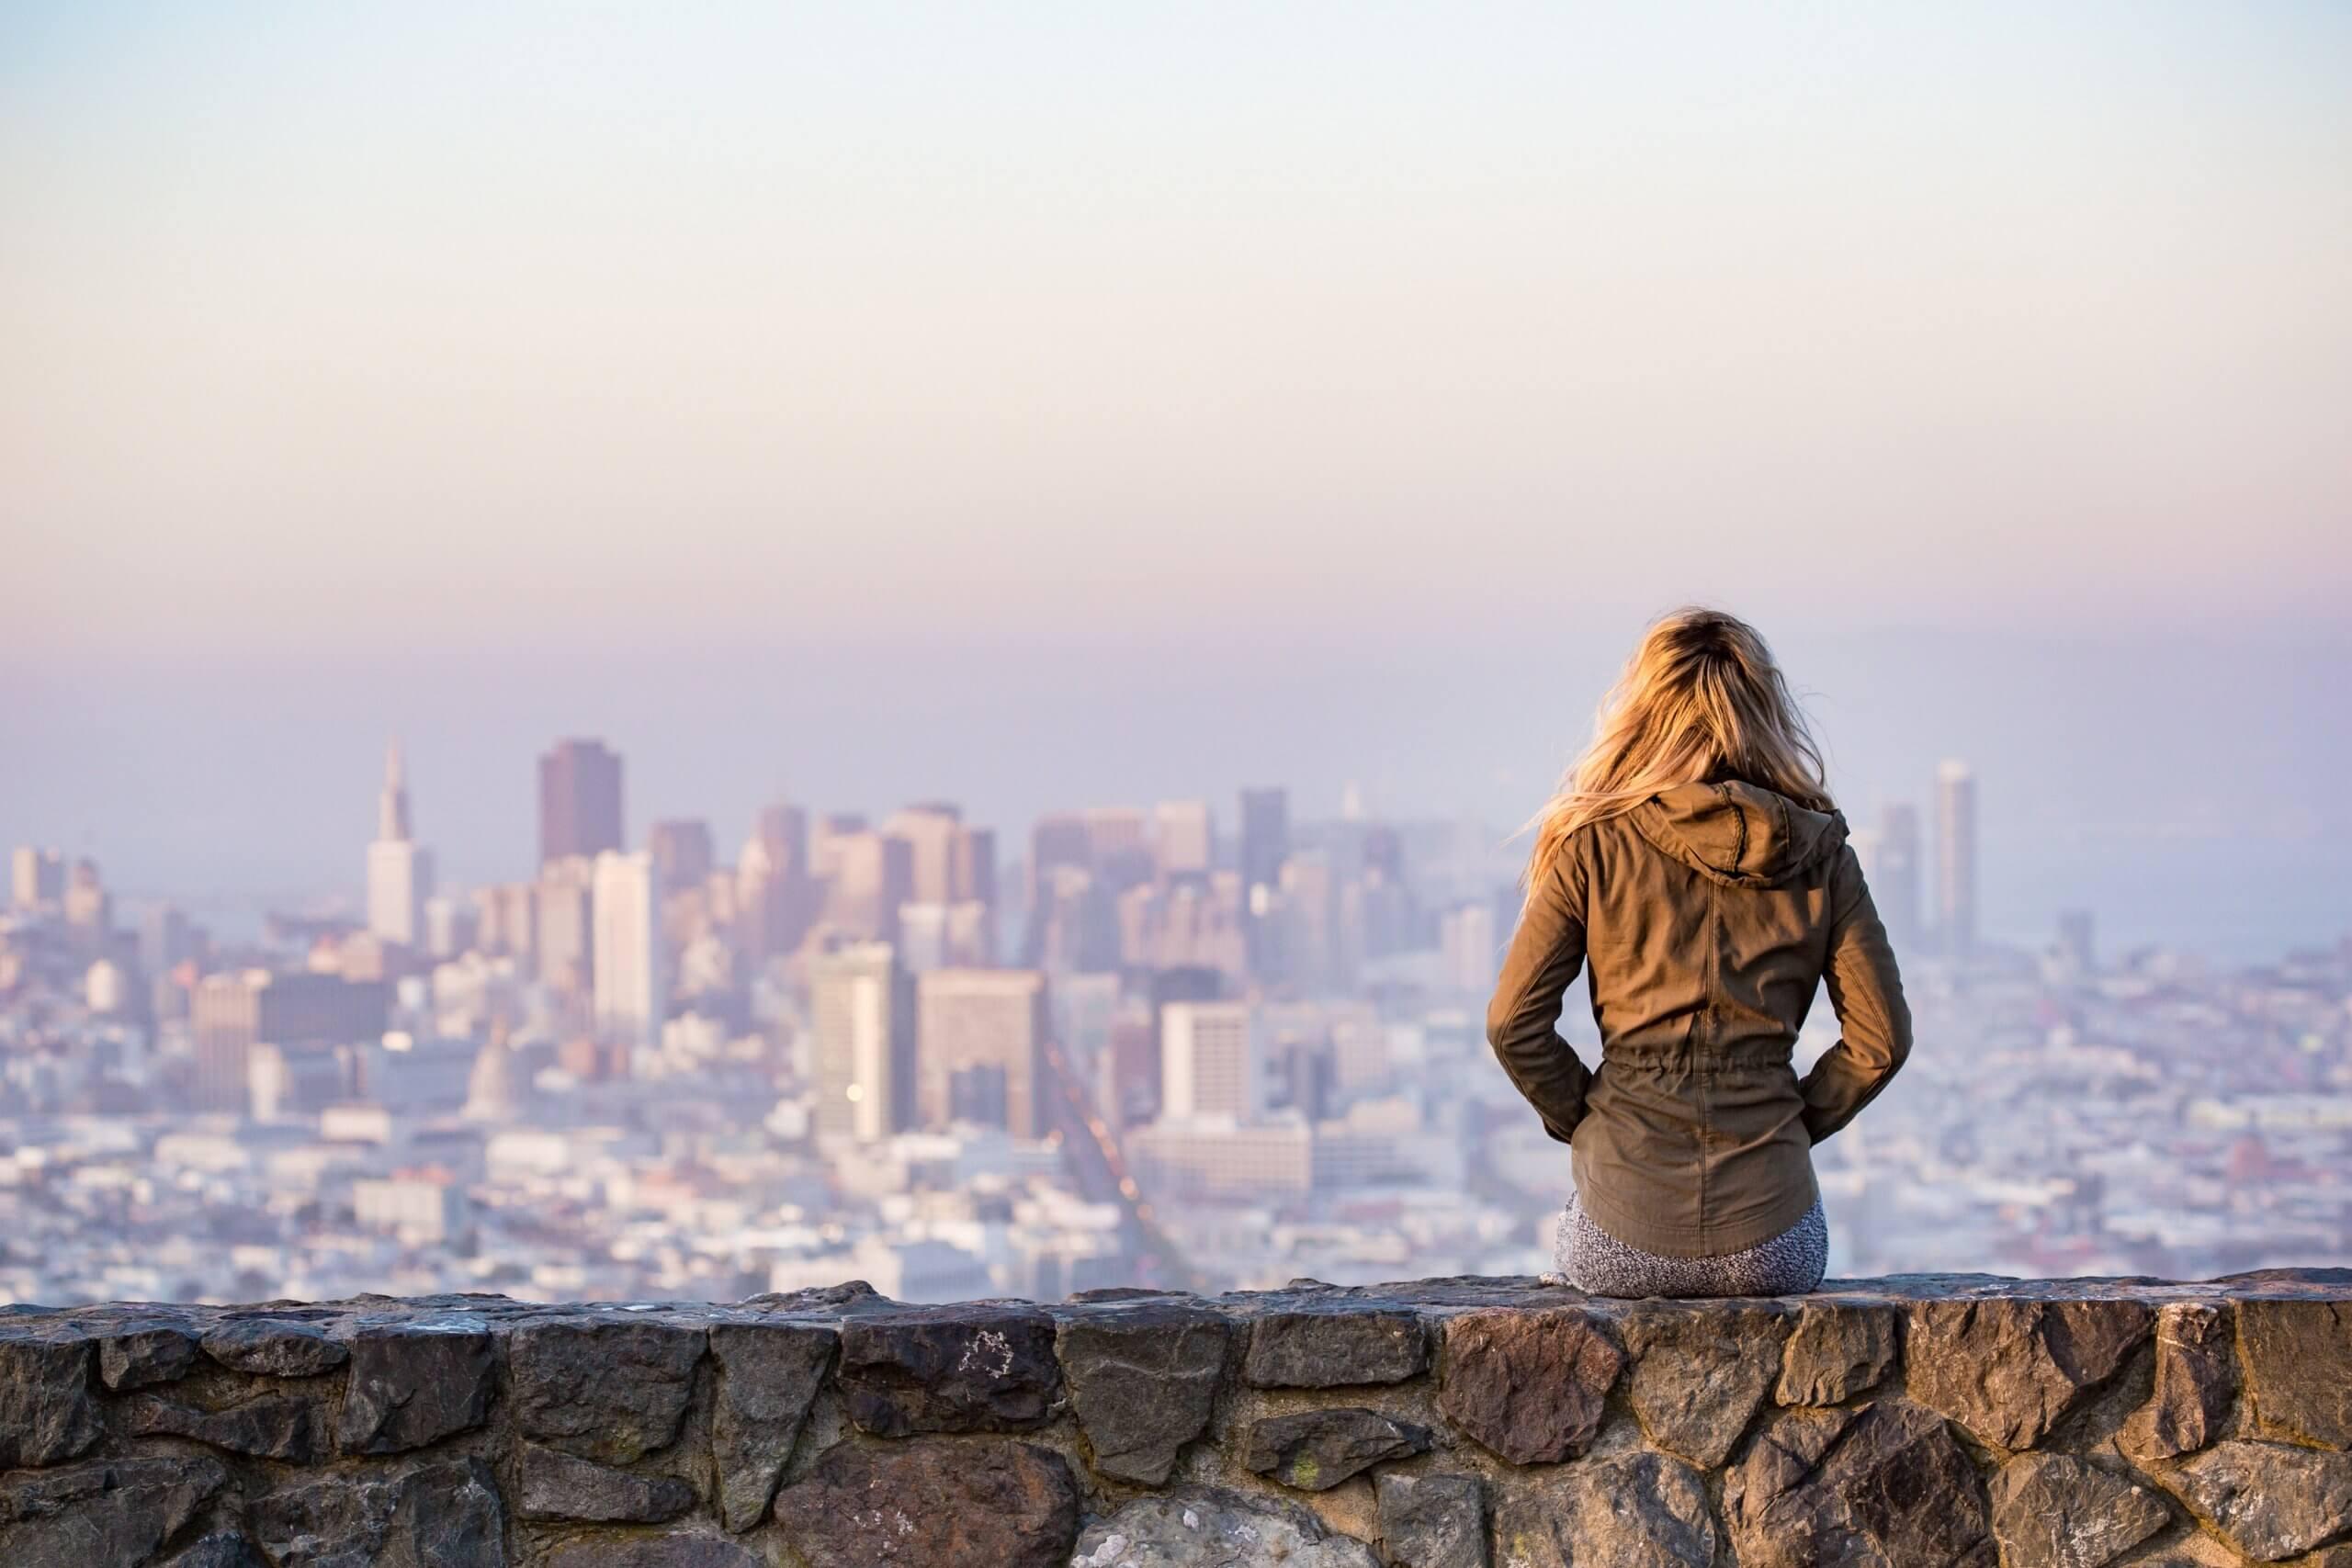 Чому подорожувати по містах цікаво і корисно?